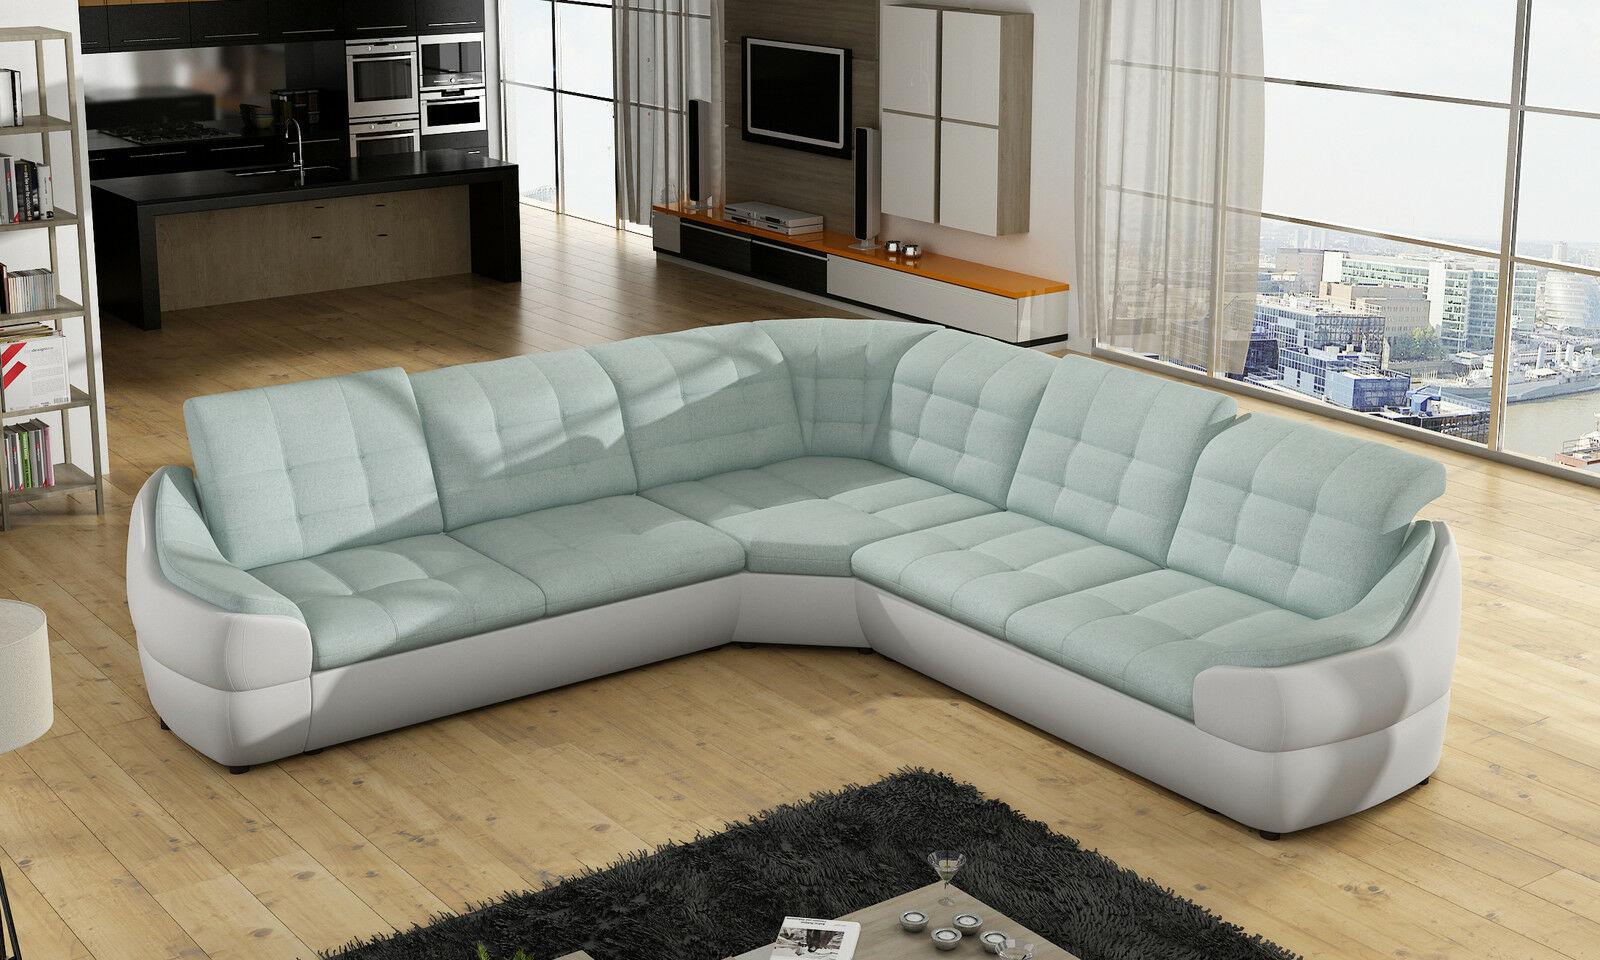 Bezaubernd Polstergarnitur Mit Relaxfunktion Das Beste Von Couchgarnitur Infinity L Sofa Couch Polsterecke Ecksofa